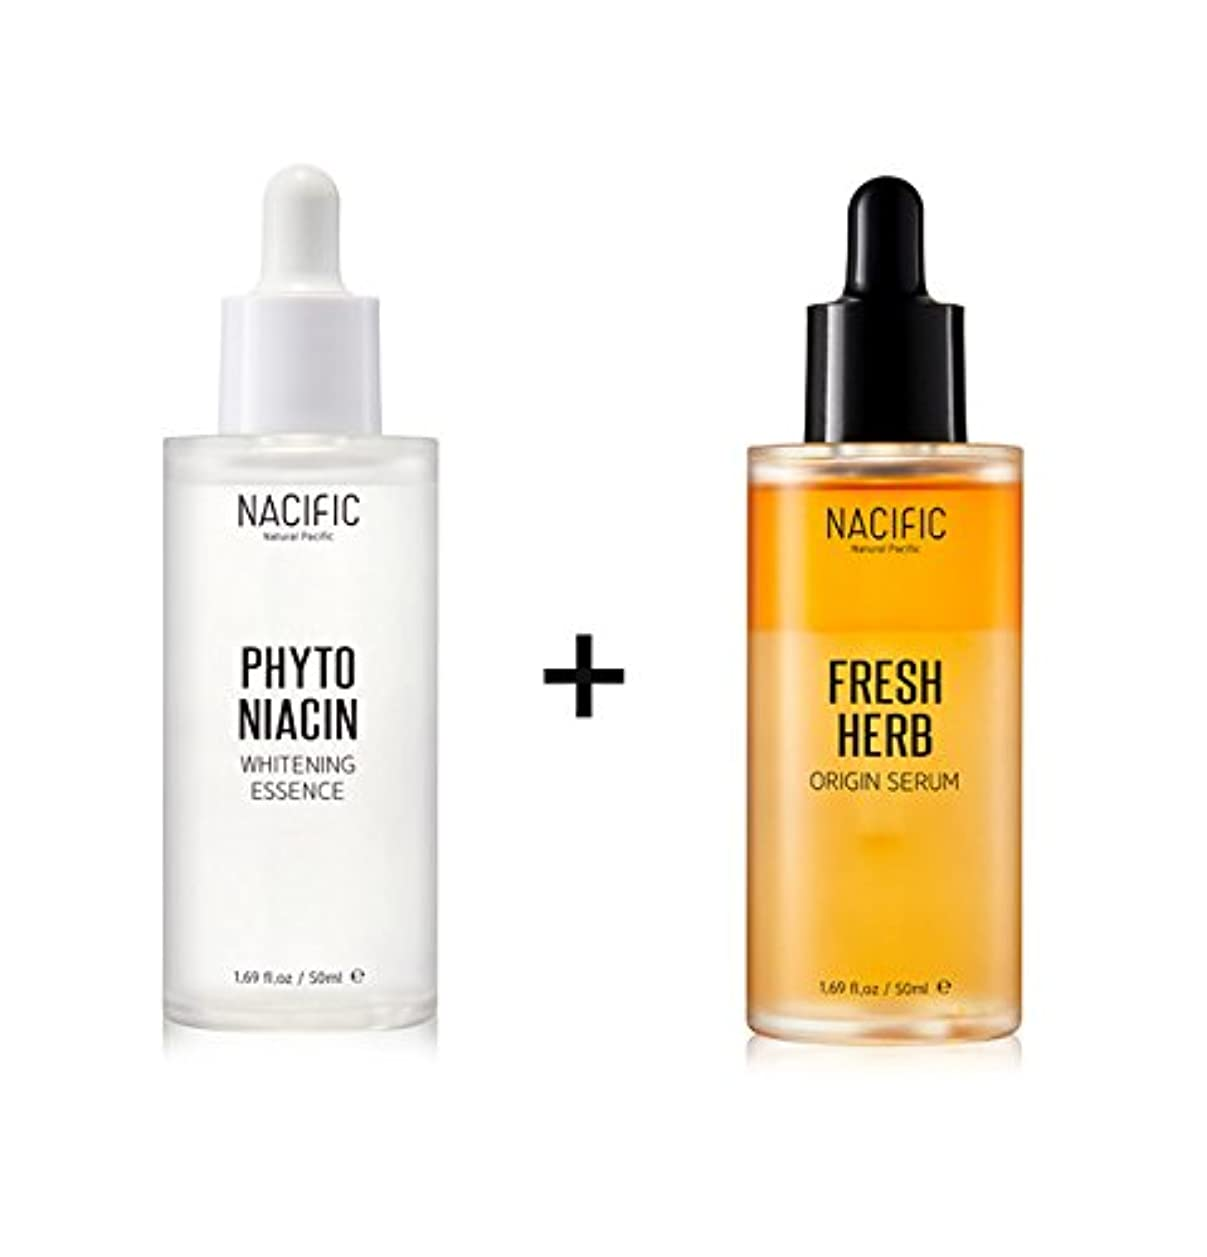 反逆見分ける診療所[Renewal] NACIFIC Fresh Herb Origin Serum 50ml + Phyto Niacin Whitening Essence 50ml/ナシフィック フレッシュ ハーブ オリジン セラム 50ml + フィト ナイアシン ホワイトニング エッセンス 50ml [並行輸入品]